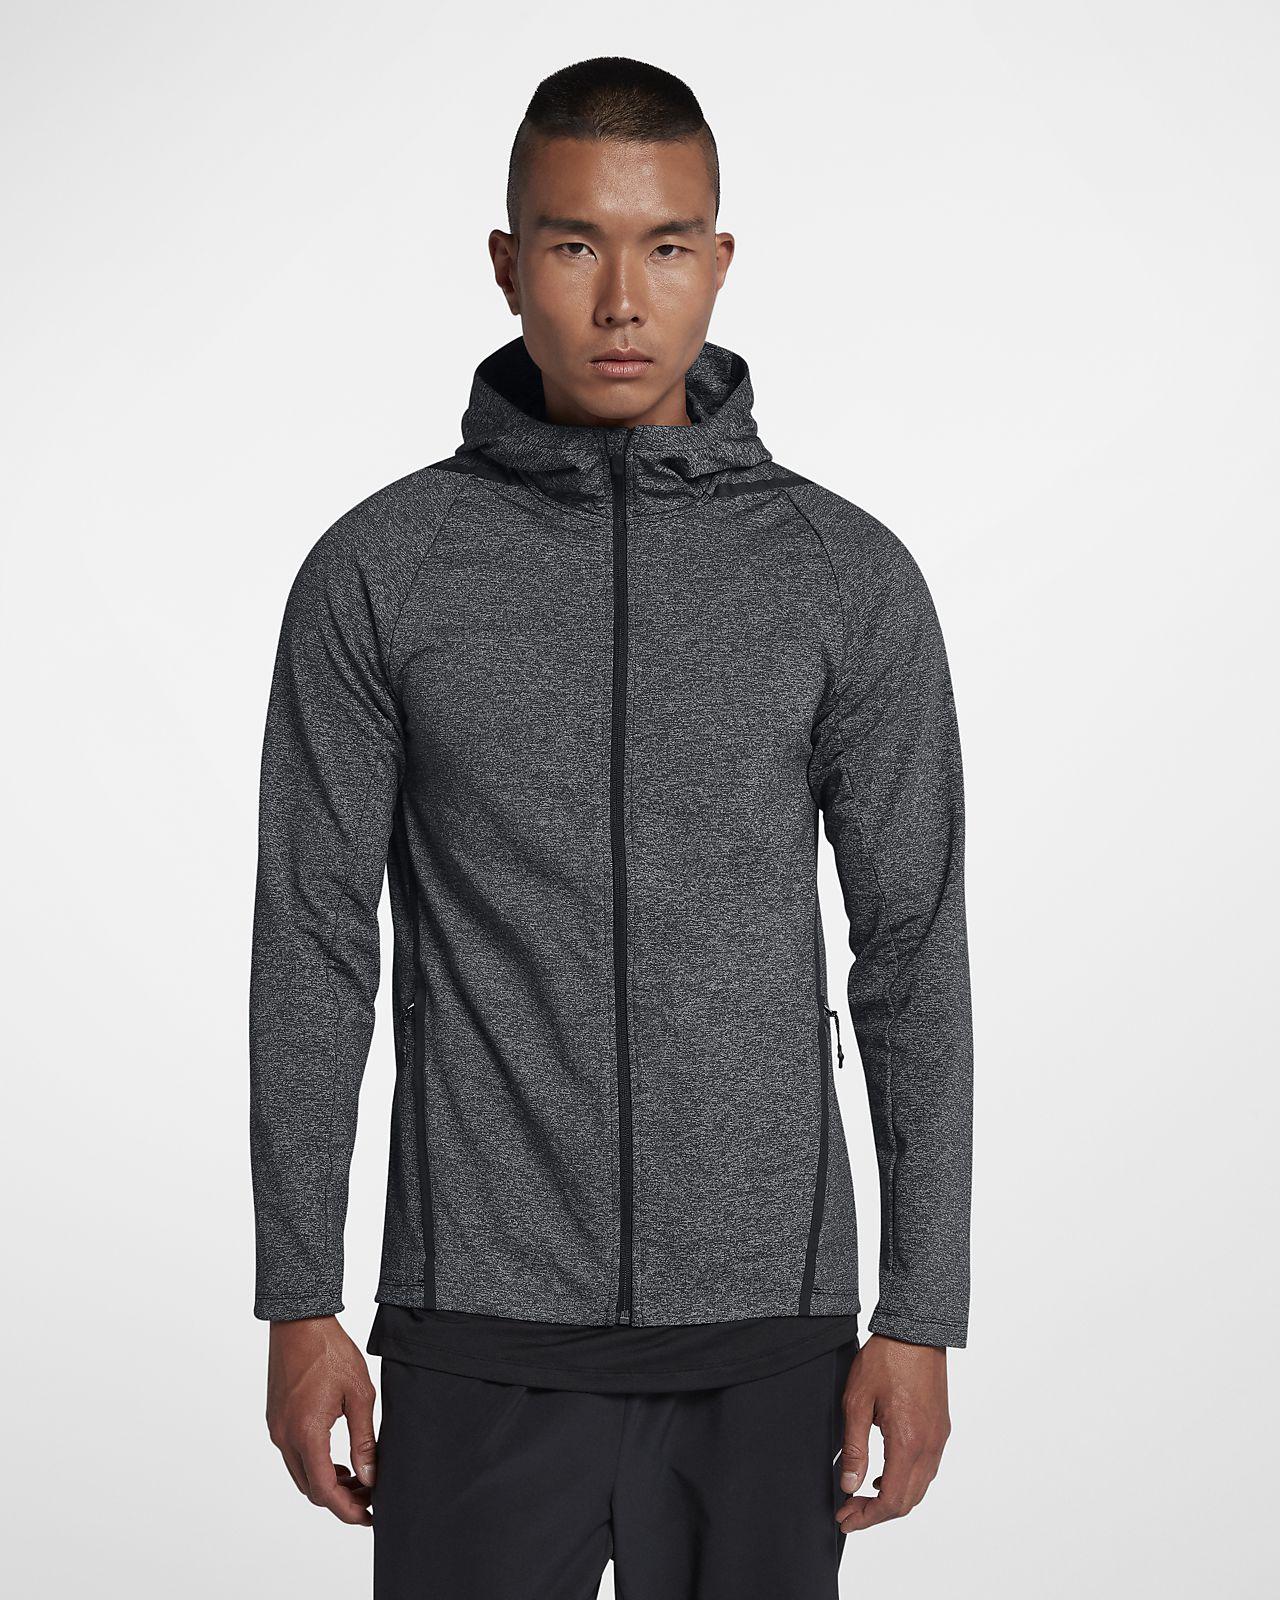 Ανδρική μακρυμάνικη μπλούζα προπόνησης με κουκούλα και φερμουάρ Nike Dri-FIT